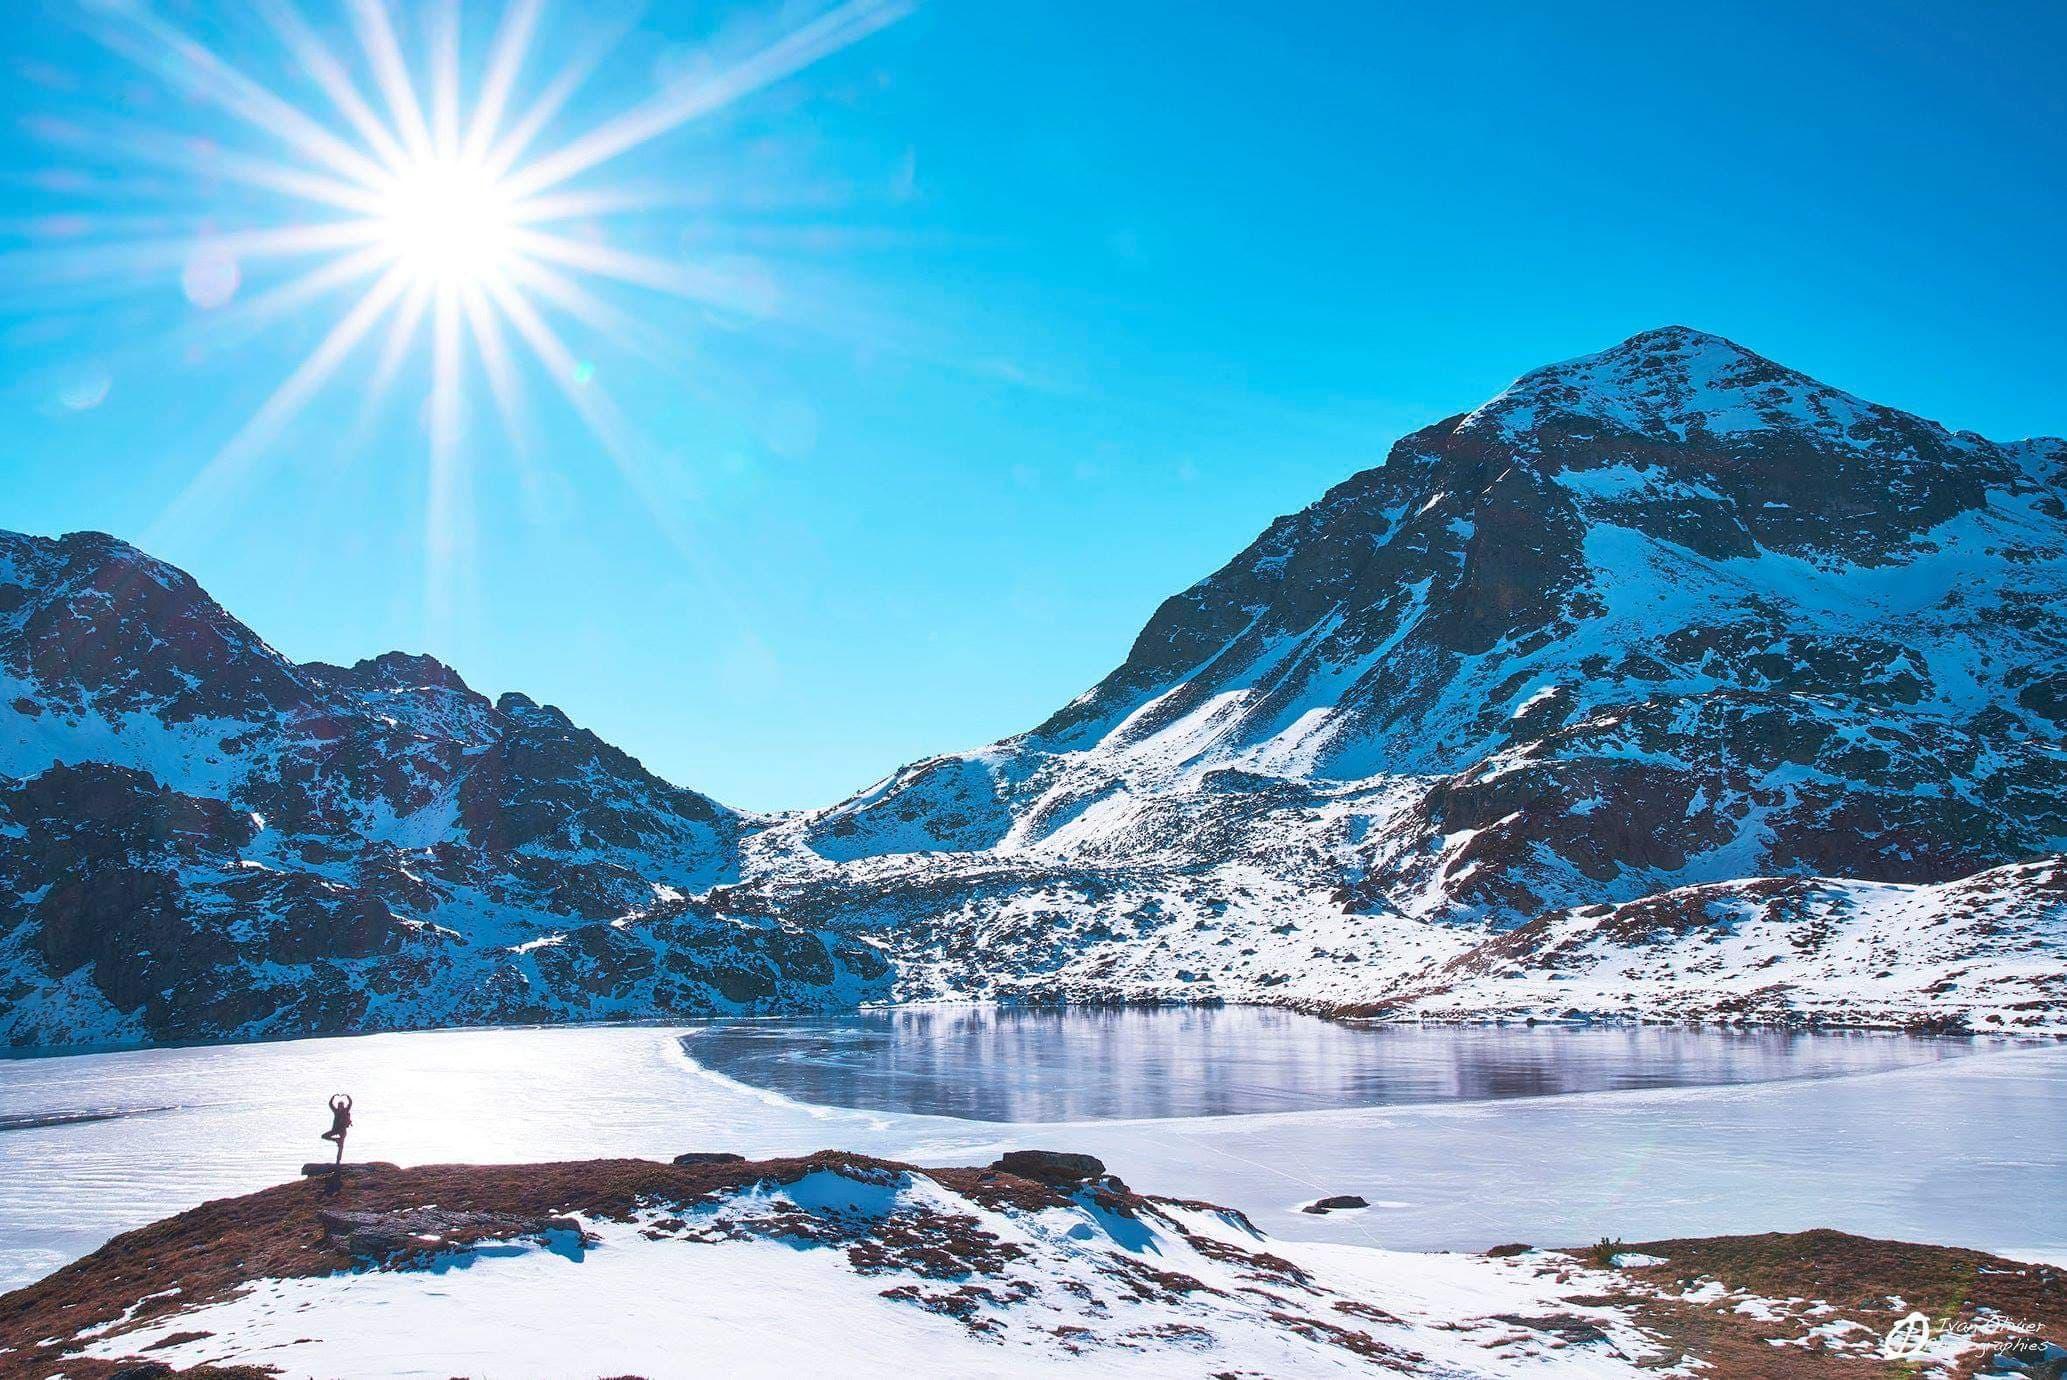 GC - etangs de fontargente hiver - janvier 2019